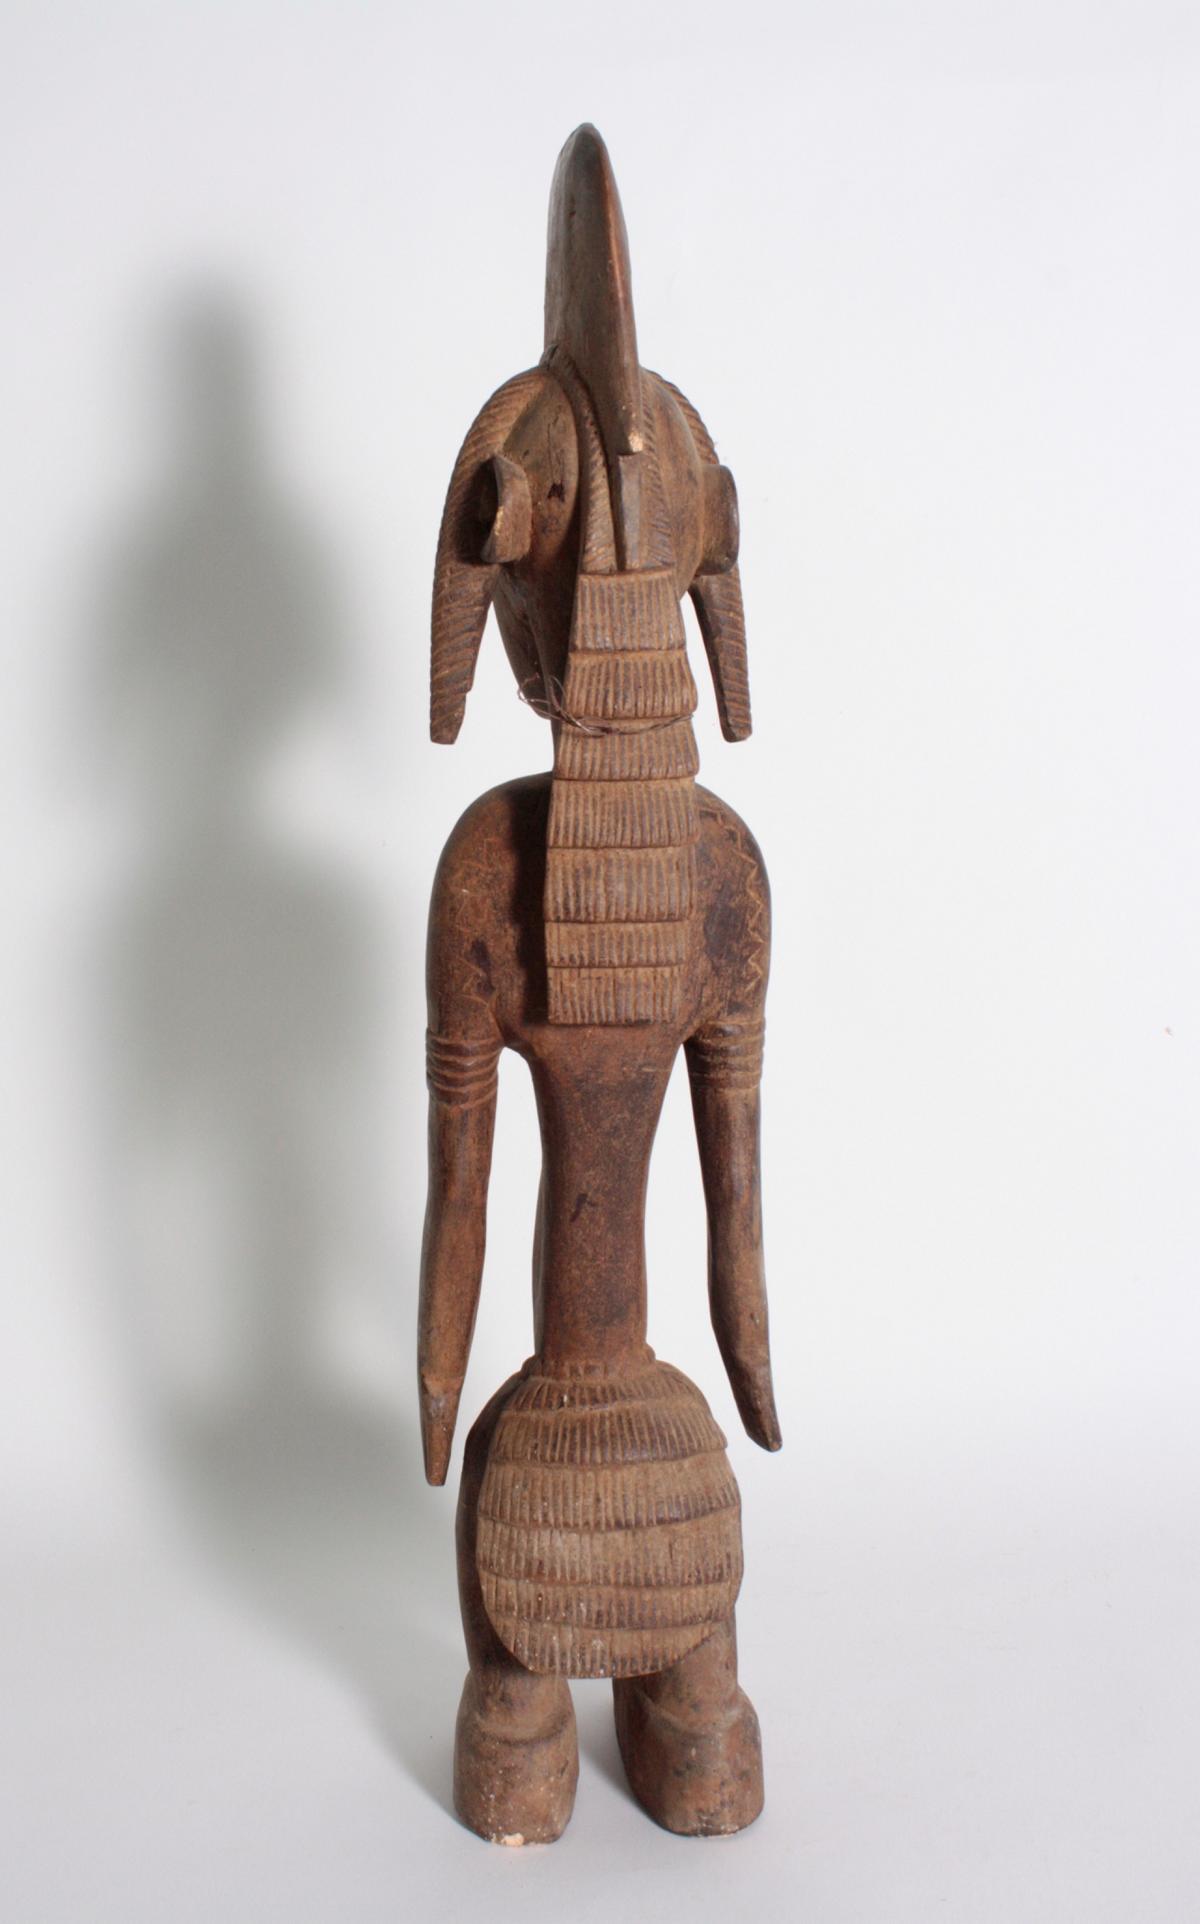 Stehende Frauenfigur, Senufo/Elfenbeinküste, 1. Hälfte 20. Jh.-4